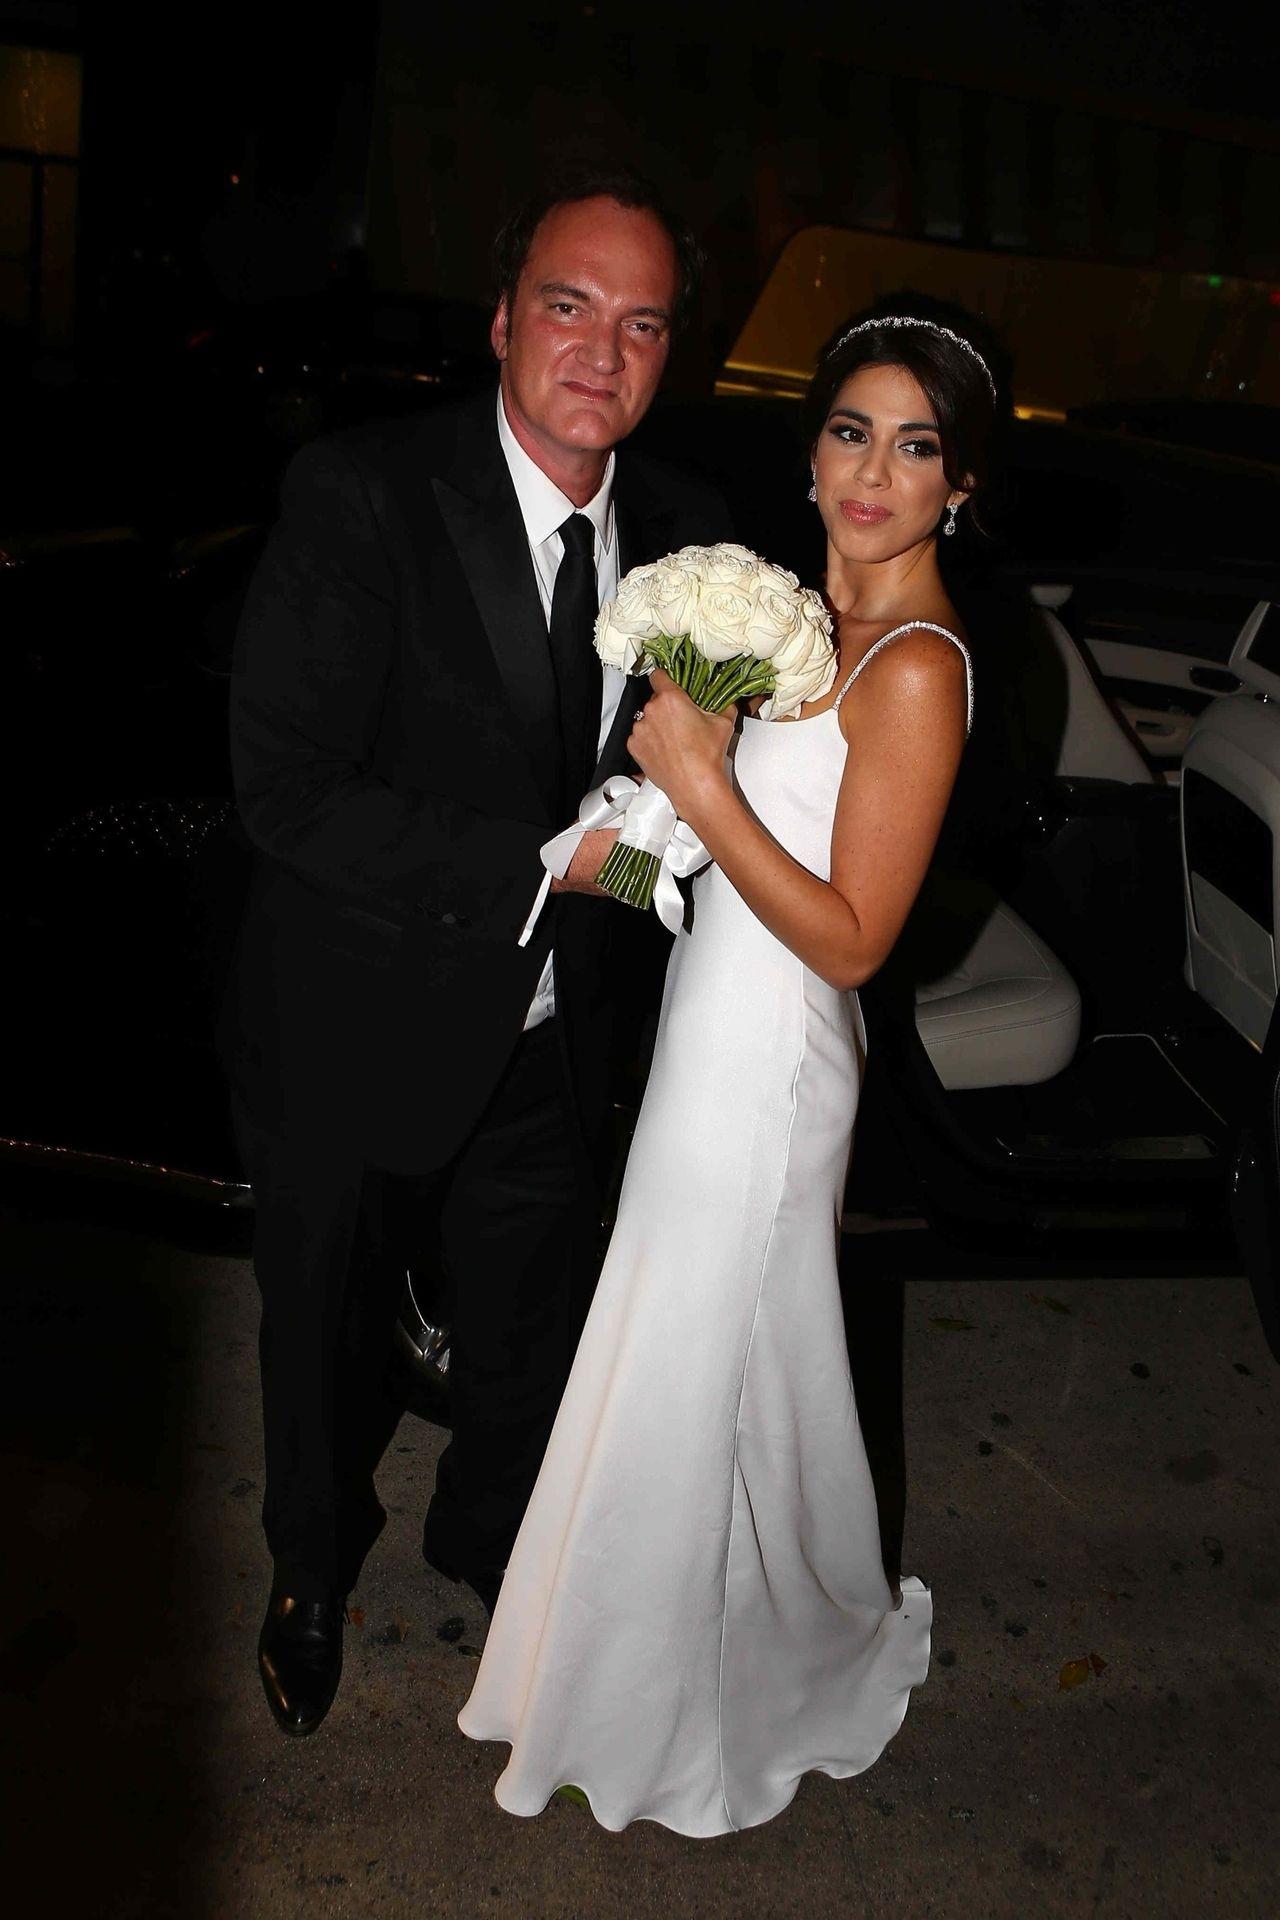 Ślub Quentina Tarantino i Danielli Pick